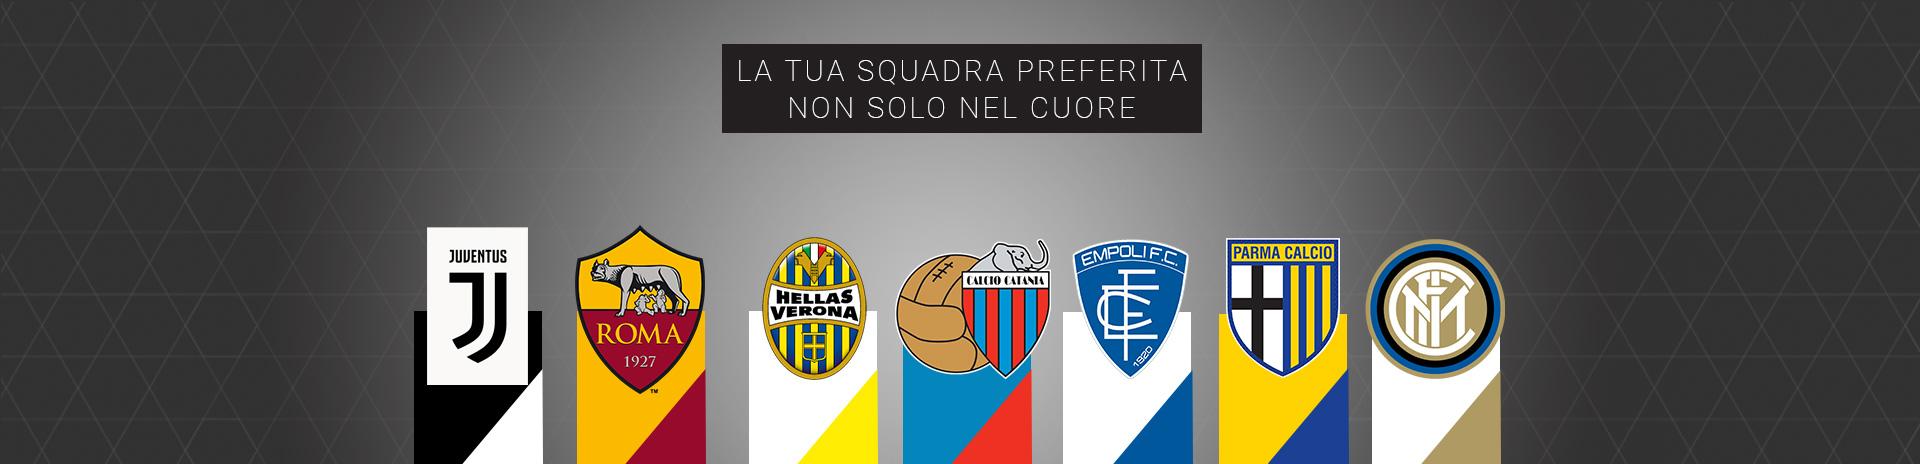 Slide-scudetti-calcio